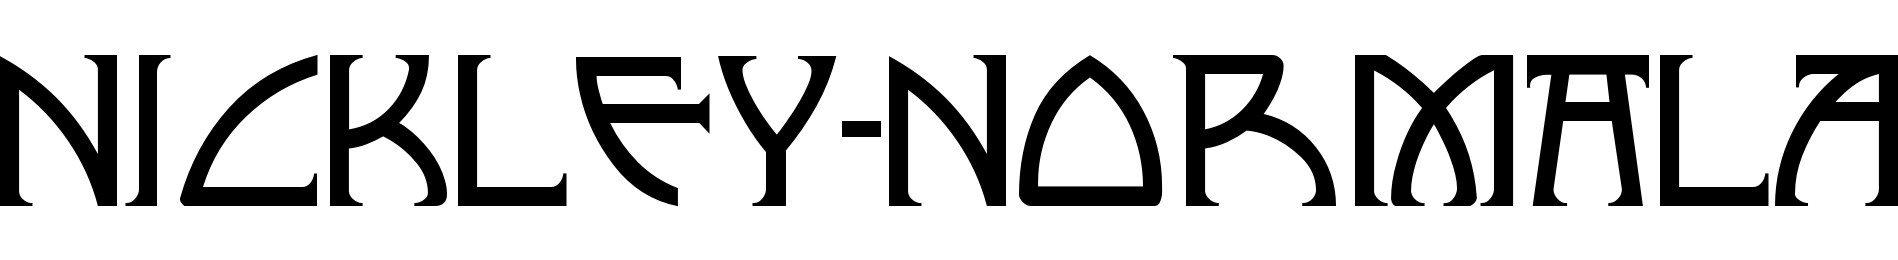 Nickley-NormalA